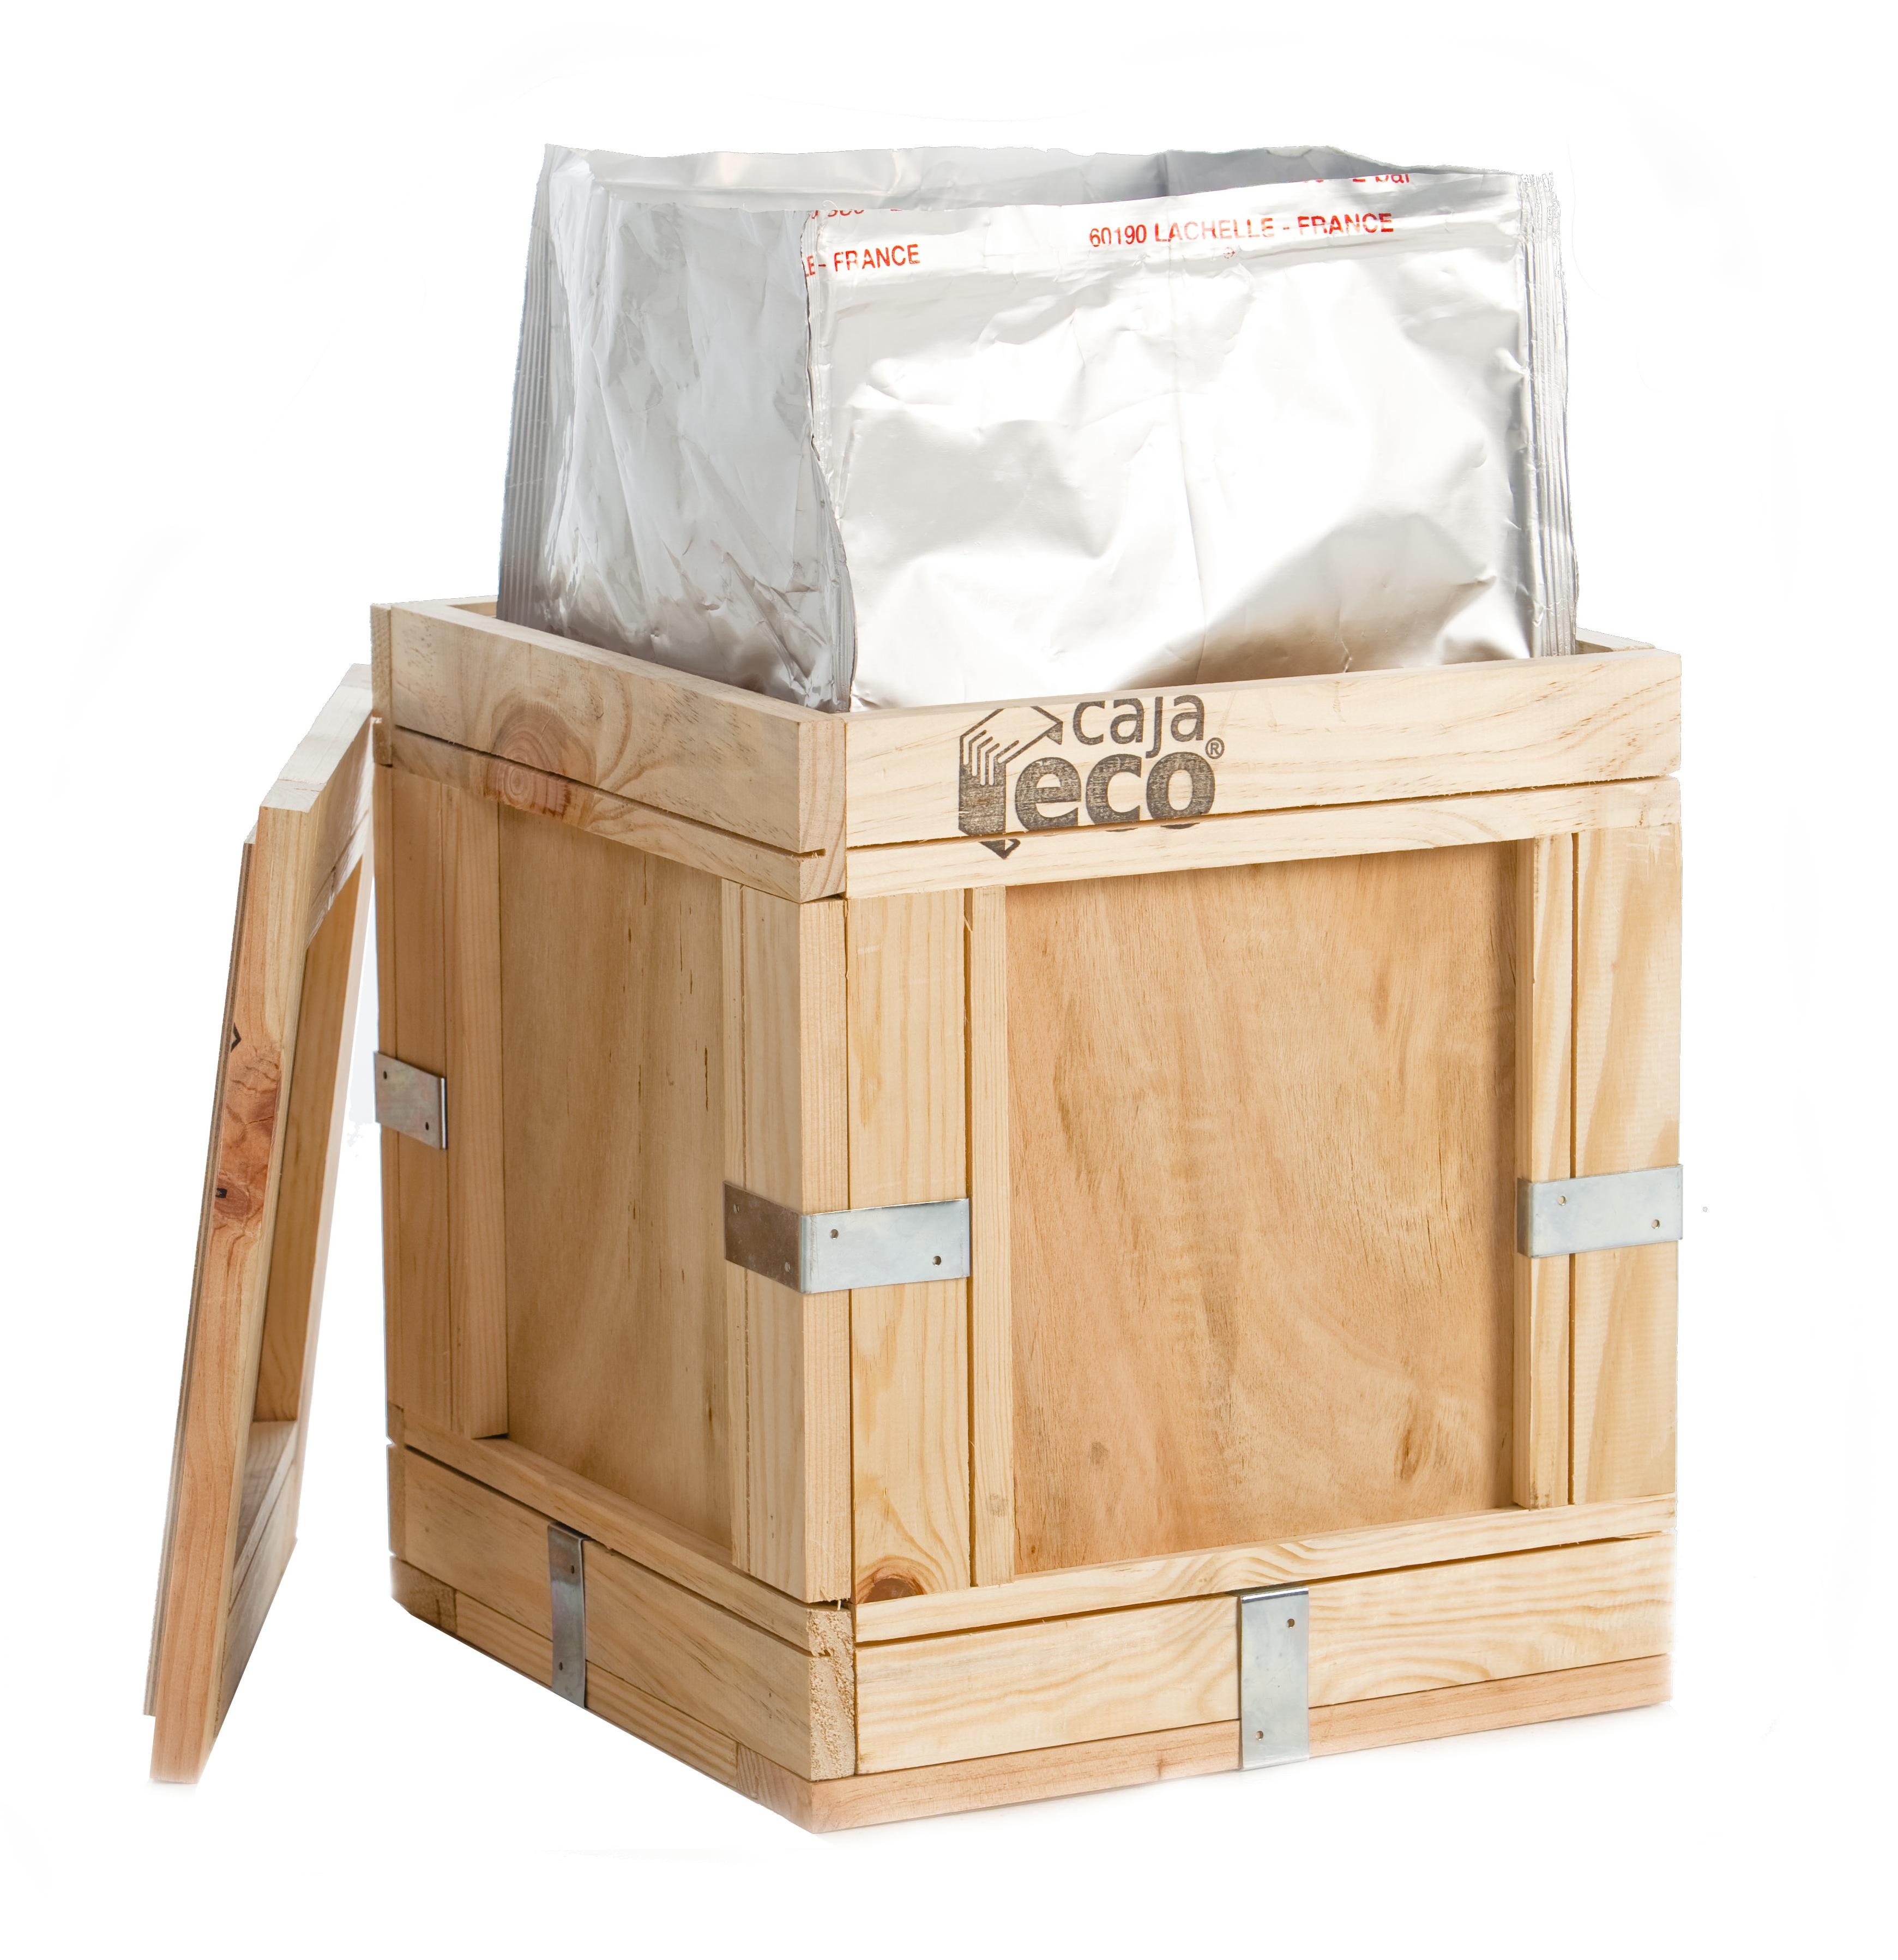 Caja Eco protección